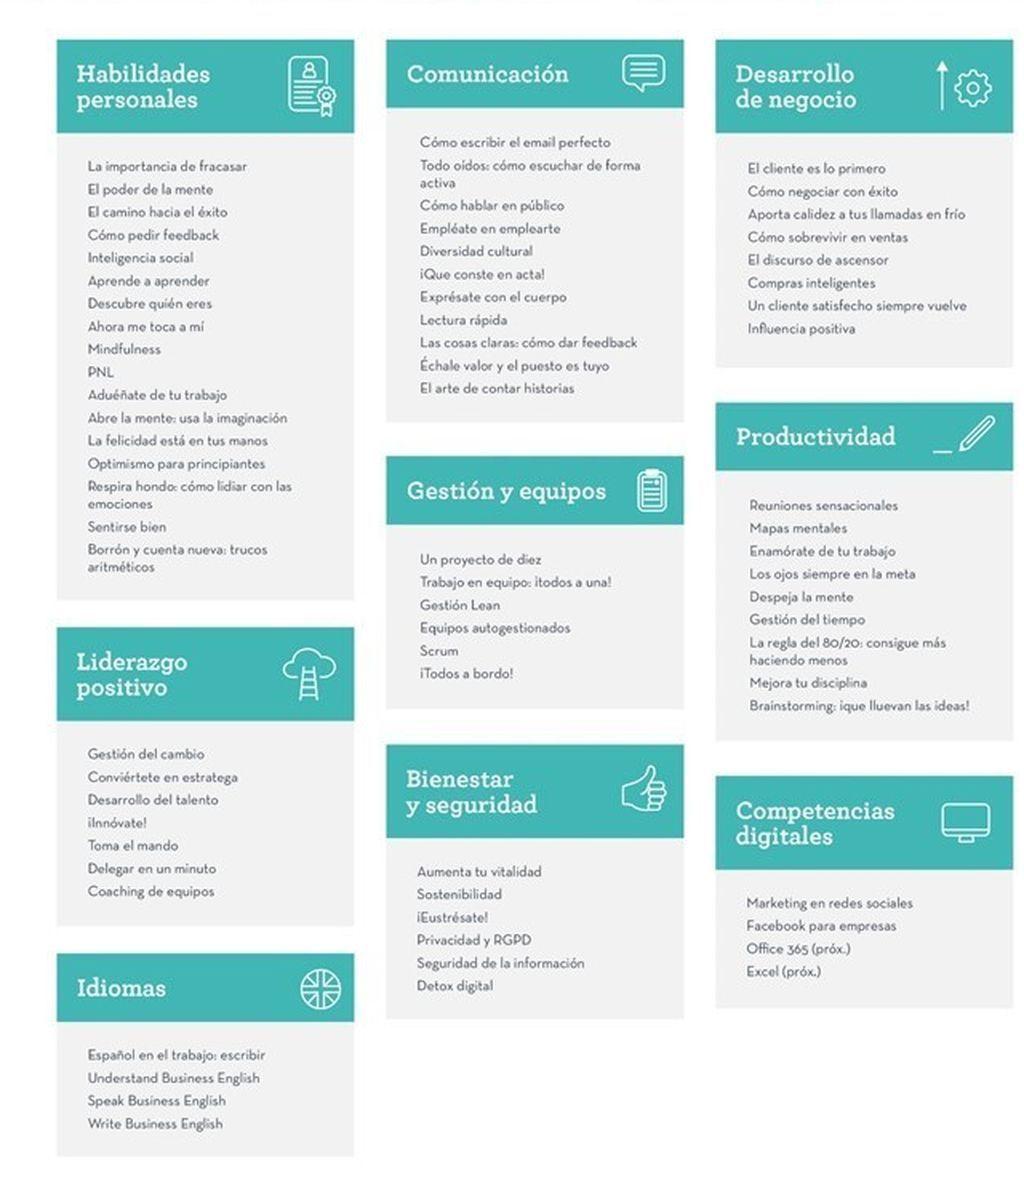 Adecco ofrece gratis formación y reorientación laboral durante la crisis sanitaria